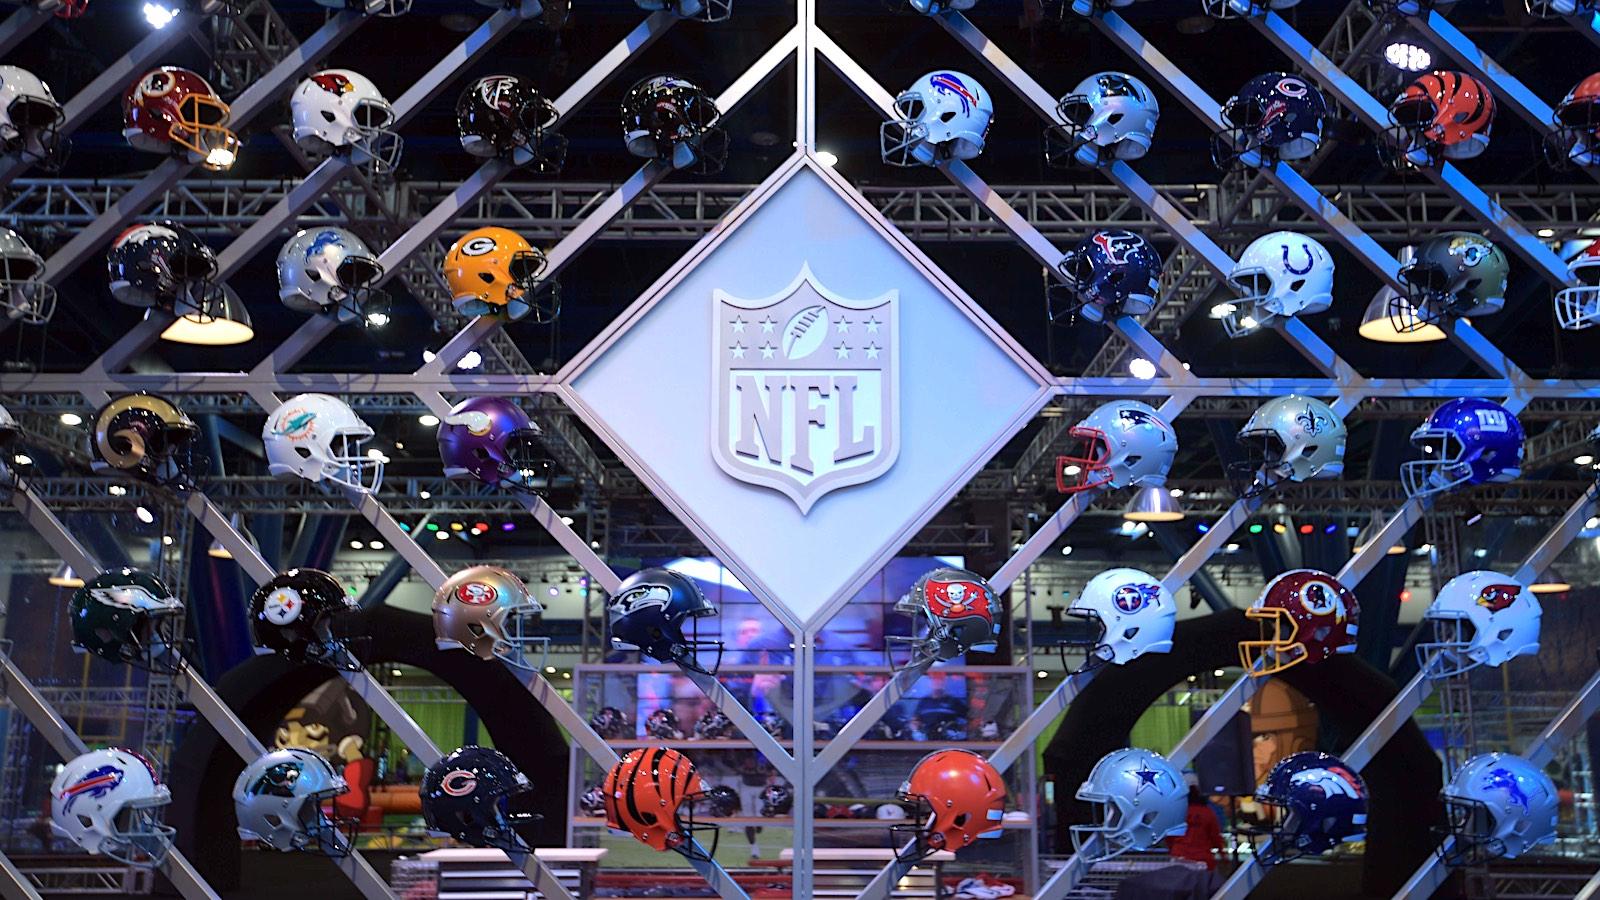 033117-NFL-Helmets-Logos